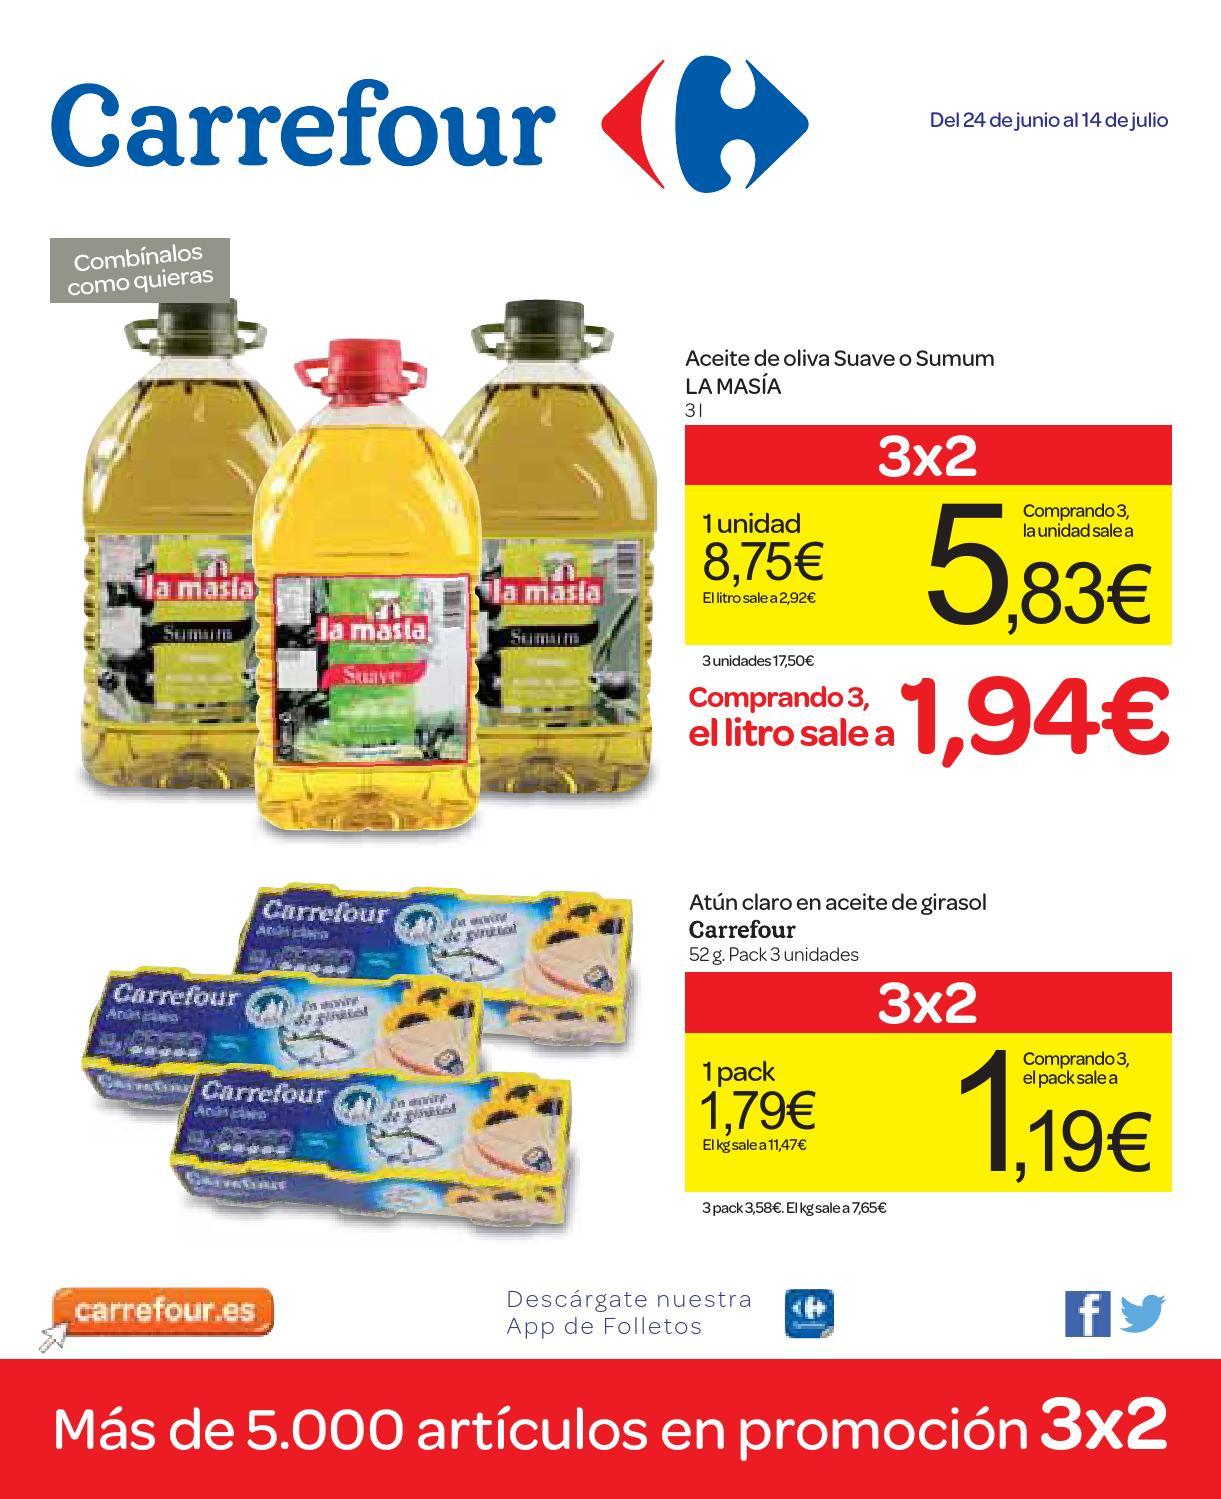 Colchon Carrefour Top Ver Ms With Colchon Carrefour Finest  ~ Colchones Enrollados Baratos Carrefour